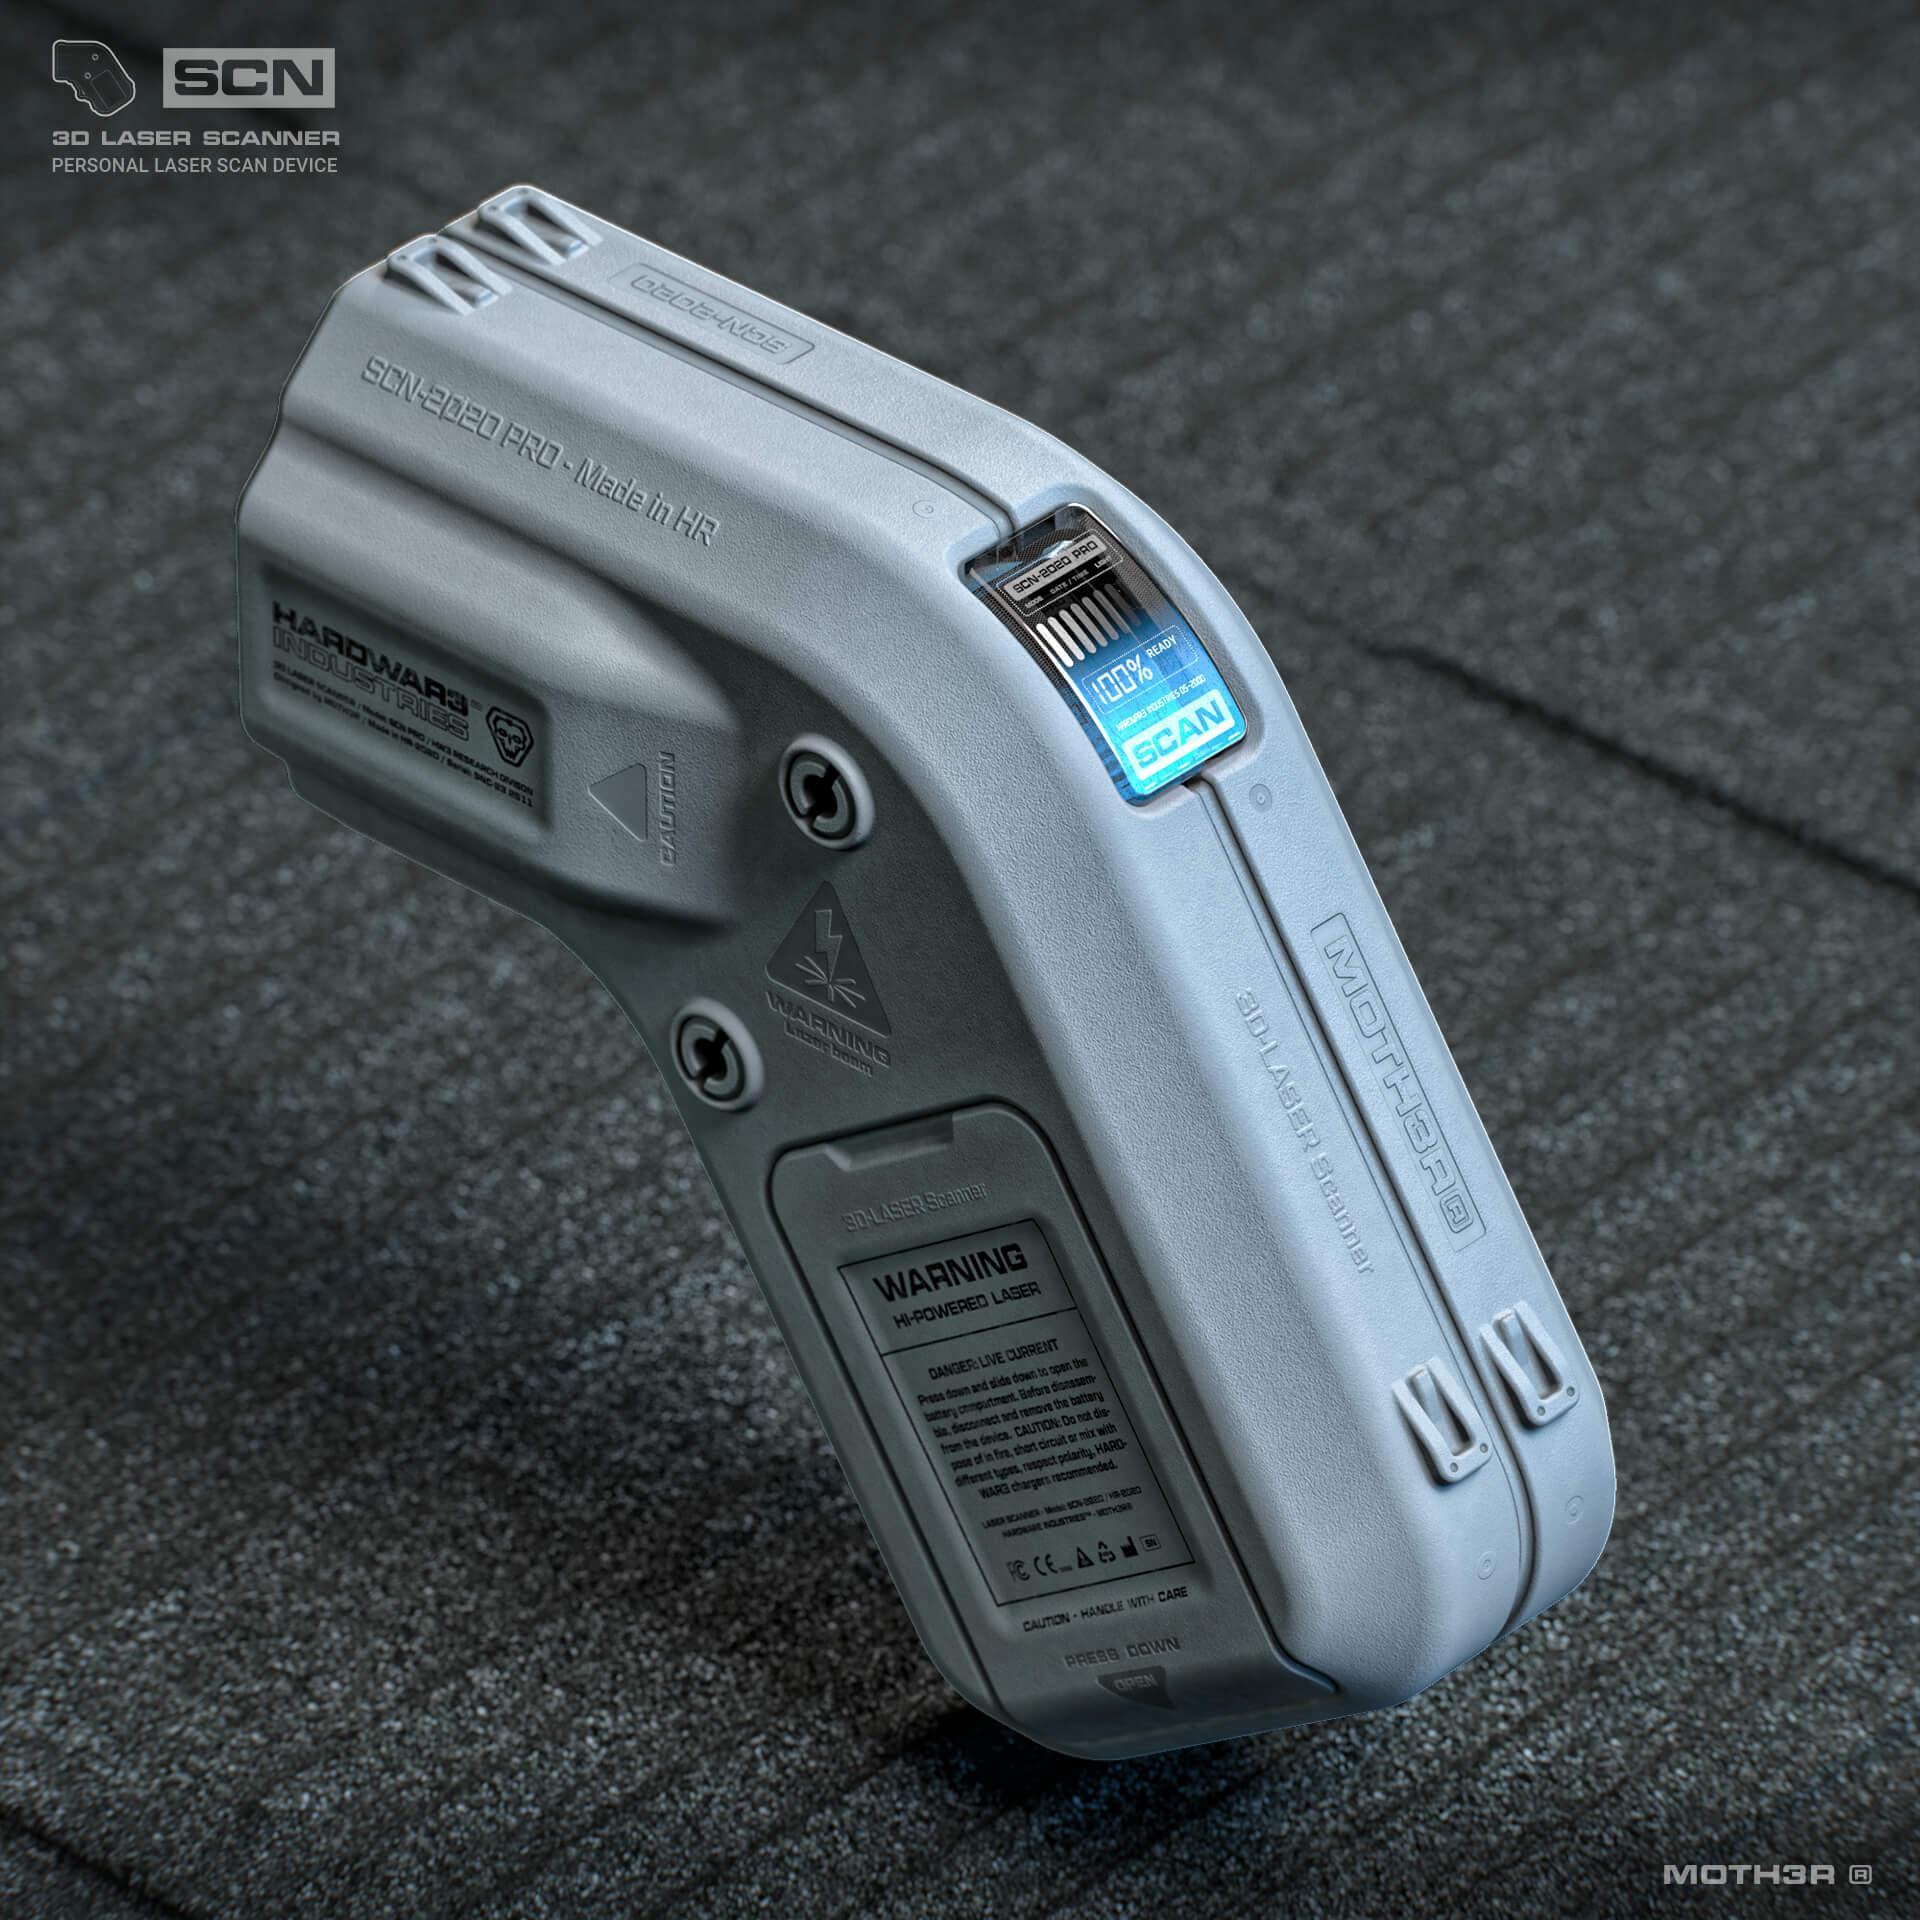 Scanner-001.81